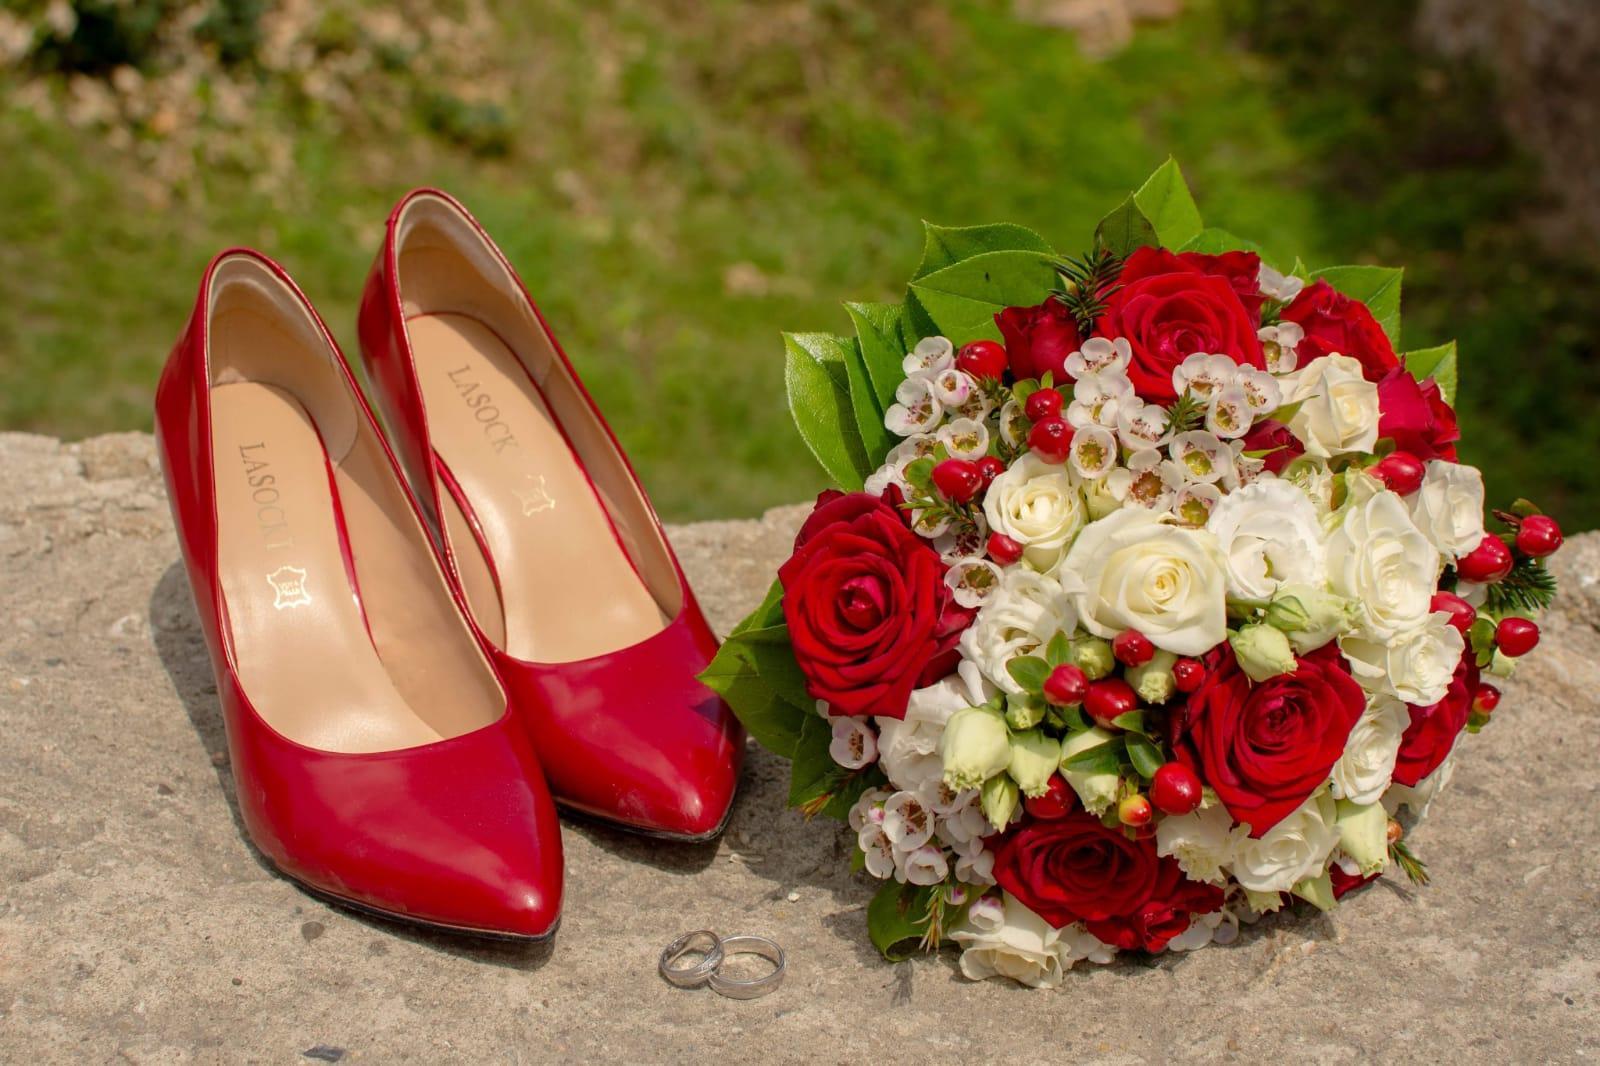 Katka{{_AND_}}Láďa - Červená je oblíbená barva ženicha,takže bylo jasno